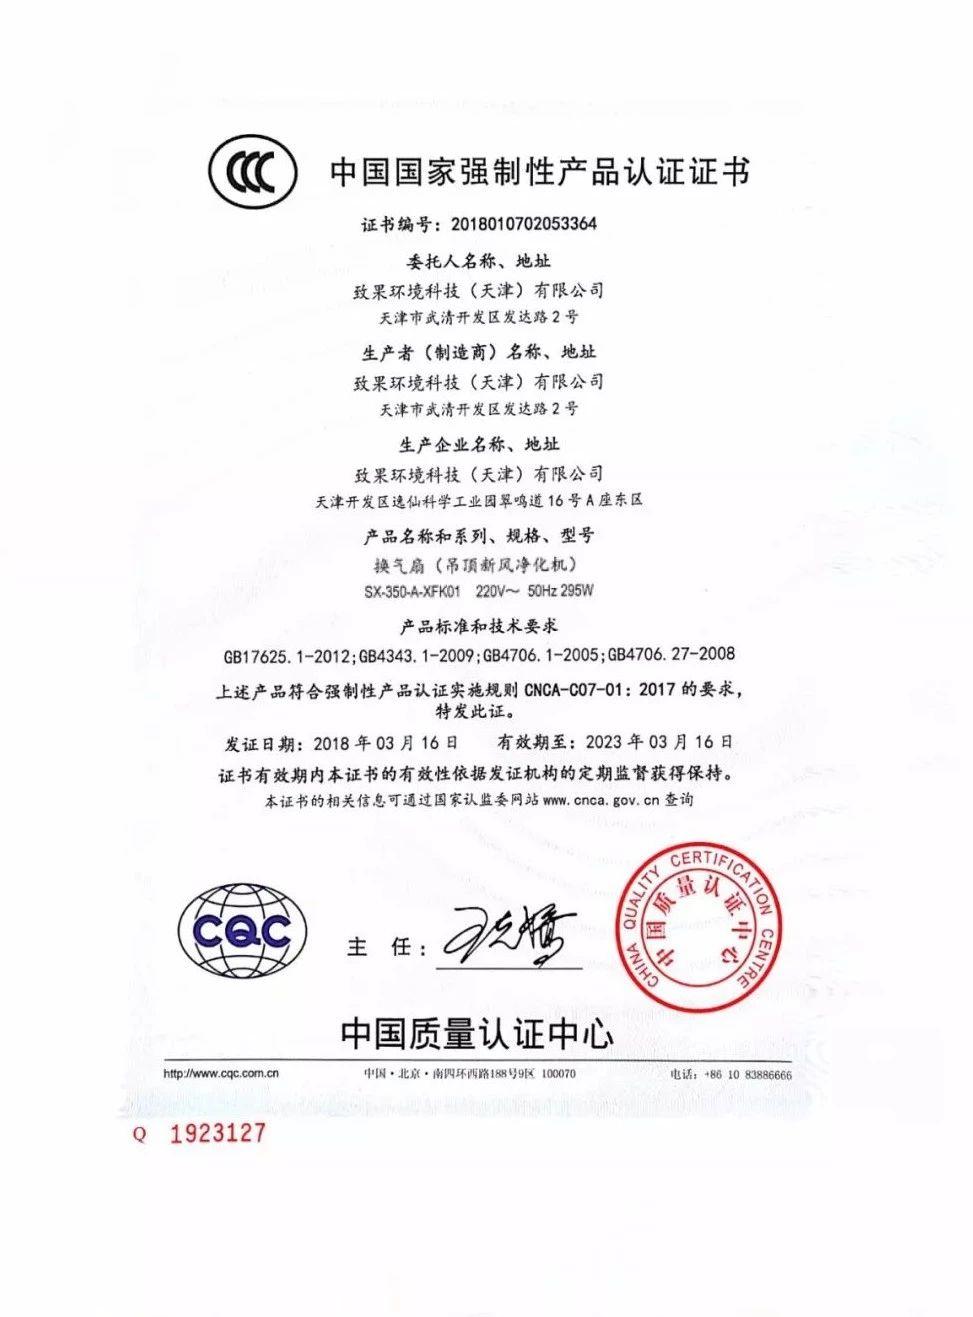 致果喜获ccc认证